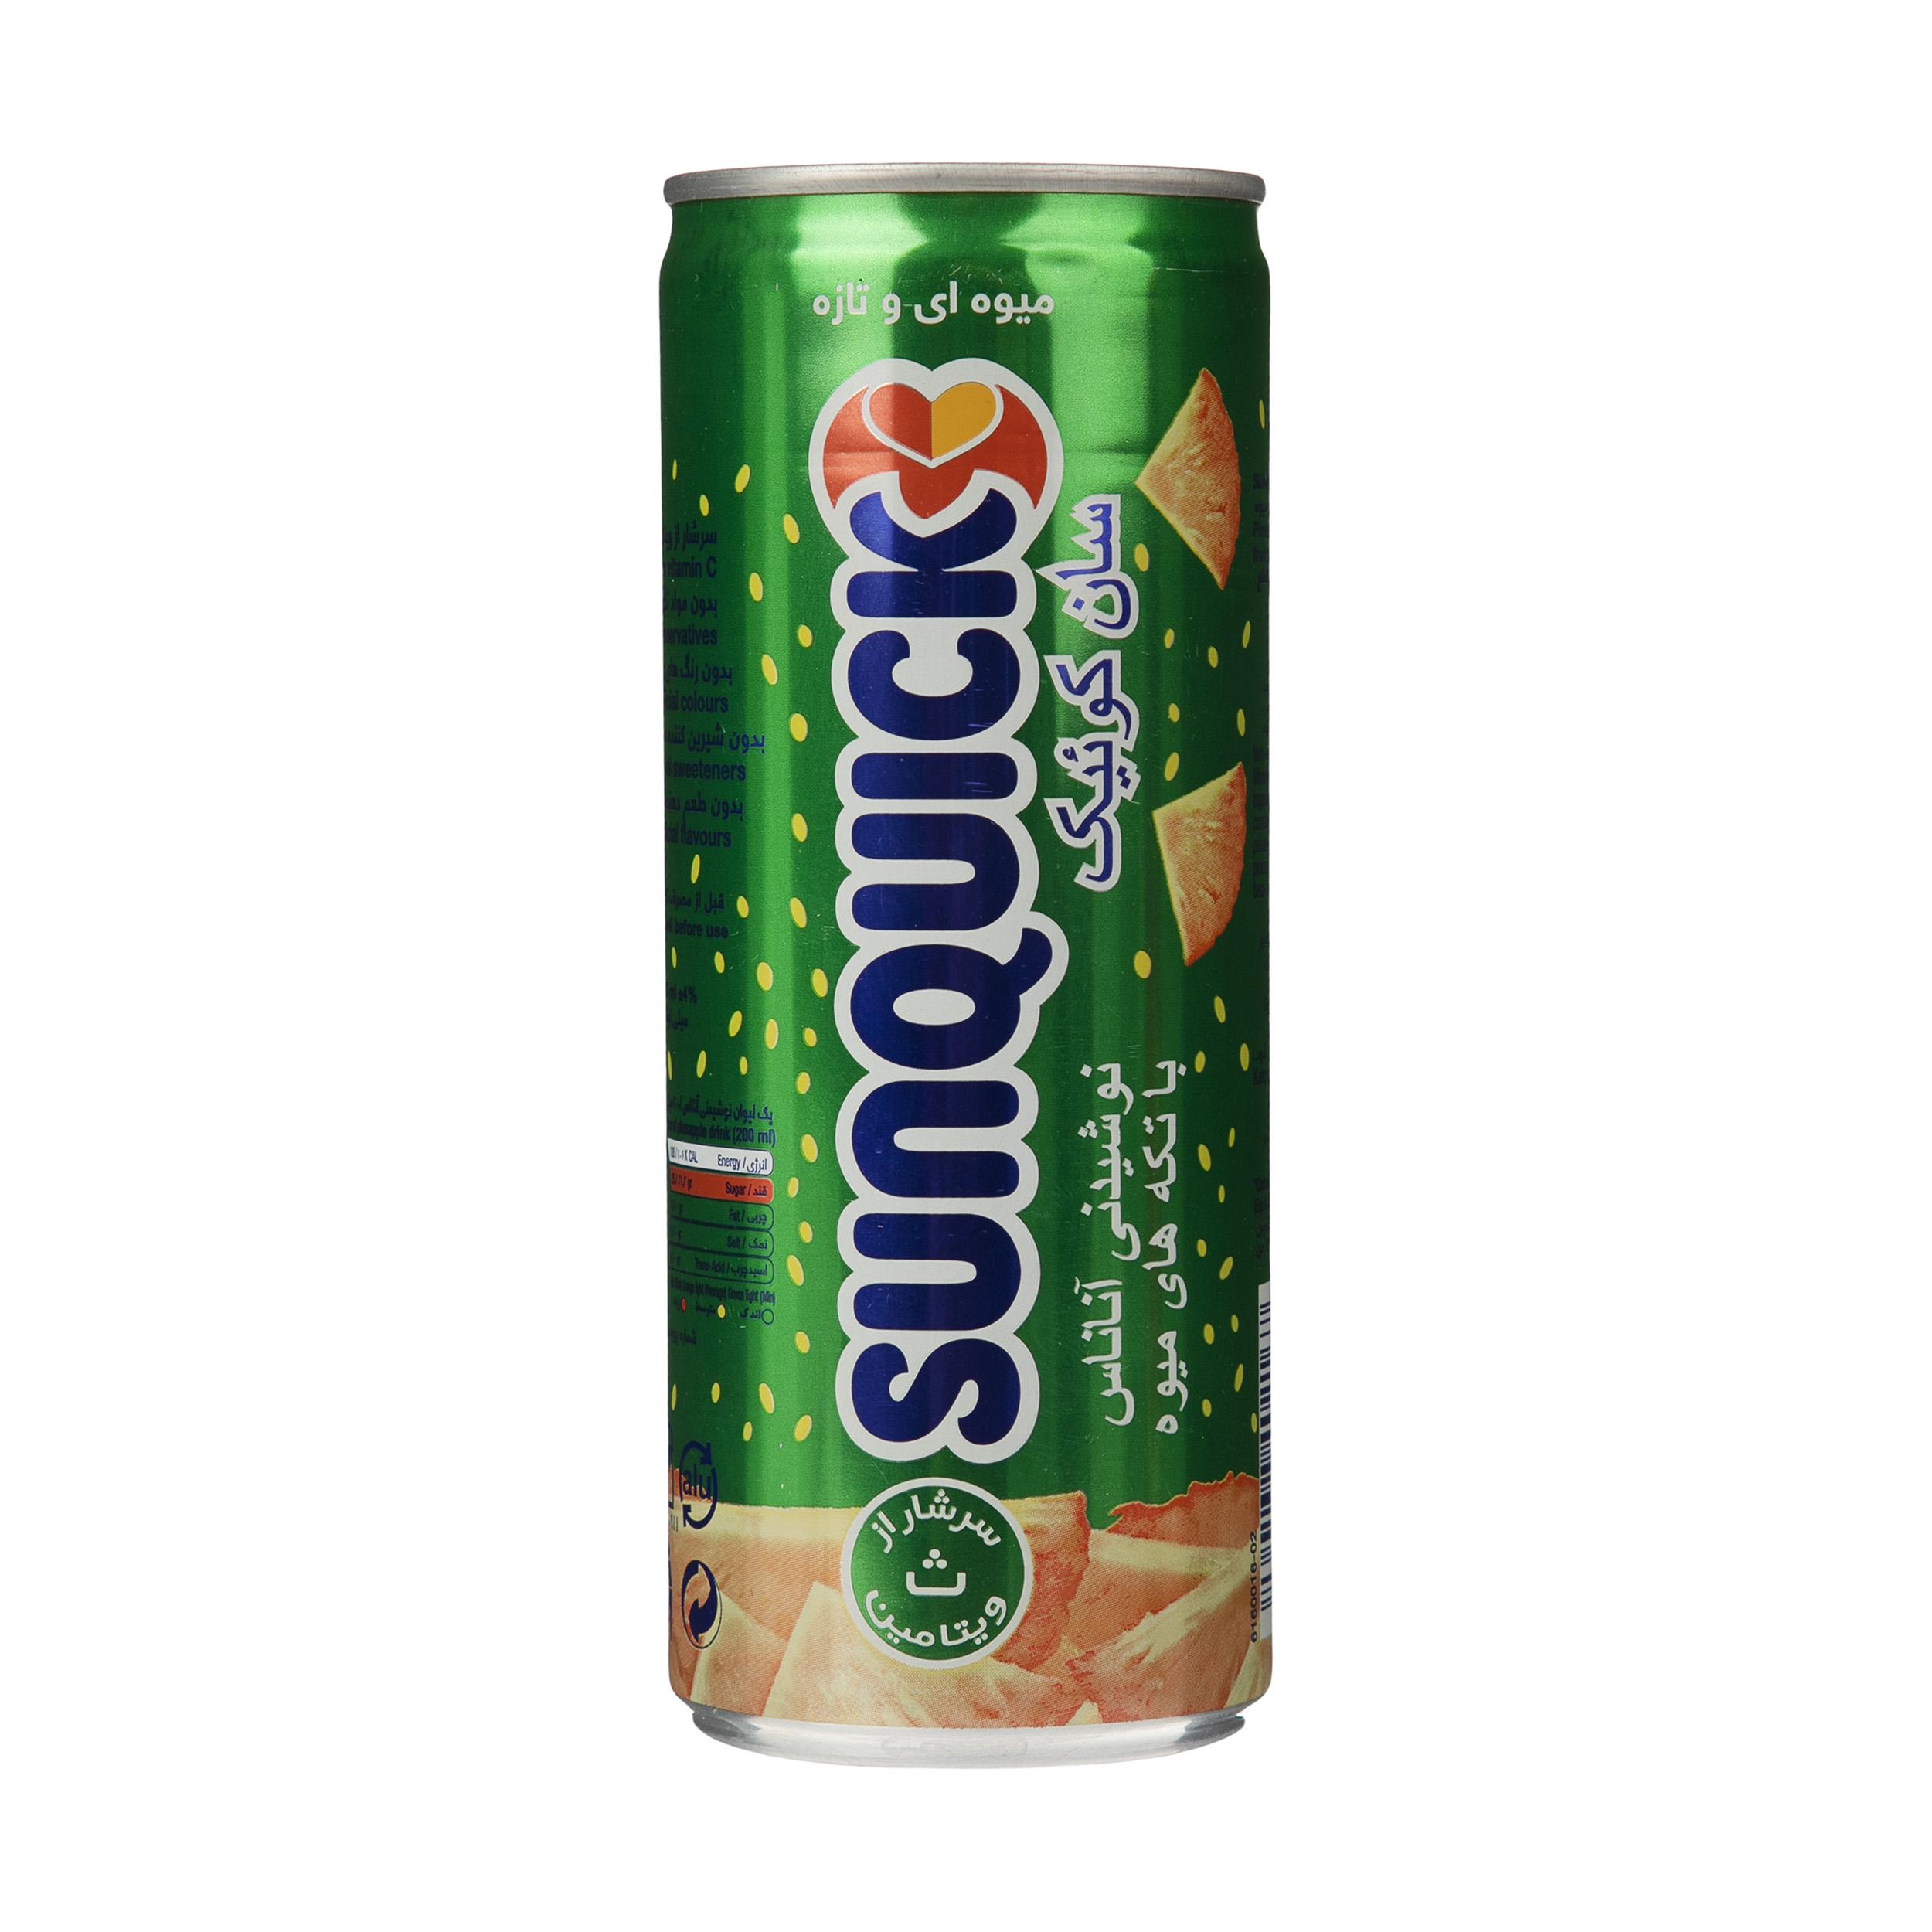 نوشیدنی سان کوئیک آناناس حجم 240 میلی لیتر